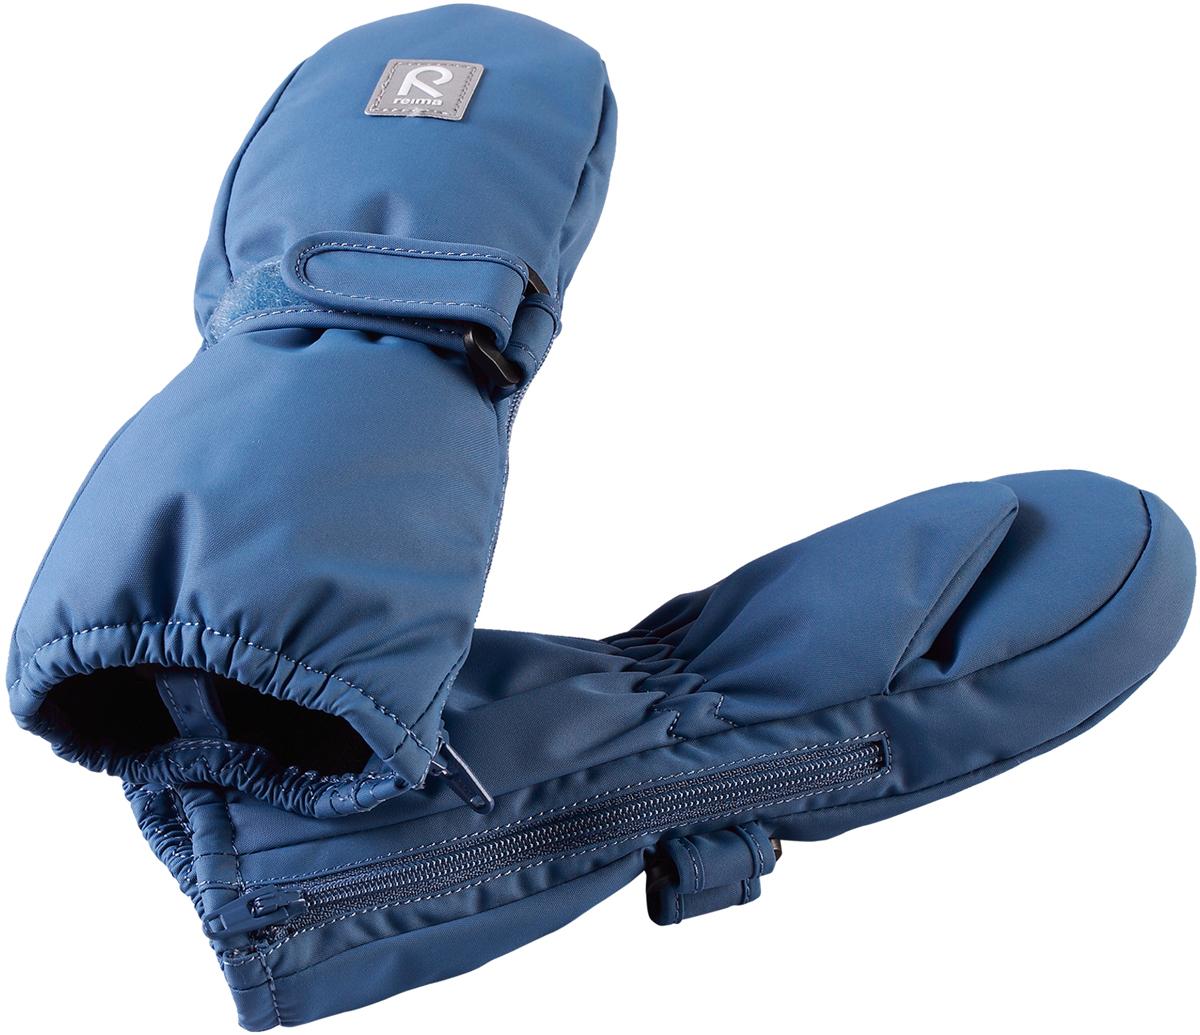 Варежки детские Reima Tassu, цвет: синий. 5171616740. Размер 15171616740Эти мягкие и удобные утепленные варежки для малышей пользуются неизменным успехом. Зимние варежки изготовлены из водо- и ветронепроницаемого, дышащего материала с водо- и грязеотталкивающей поверхностью. В этих варежках нет водонепроницаемой мембраны, поэтому они могут промокать. Утепленная модель отлично подойдет для сухой морозной зимней поры, а для дополнительного утепления и комфорта в сильную стужу рекомендуется поддевать под них теплые шерстяные варежки. Благодаря молнии, эти варежки легко надеть на ручки, а мягкая трикотажная подкладка из полиэстера очень приятна на ощупь.Средняя степень утепления.